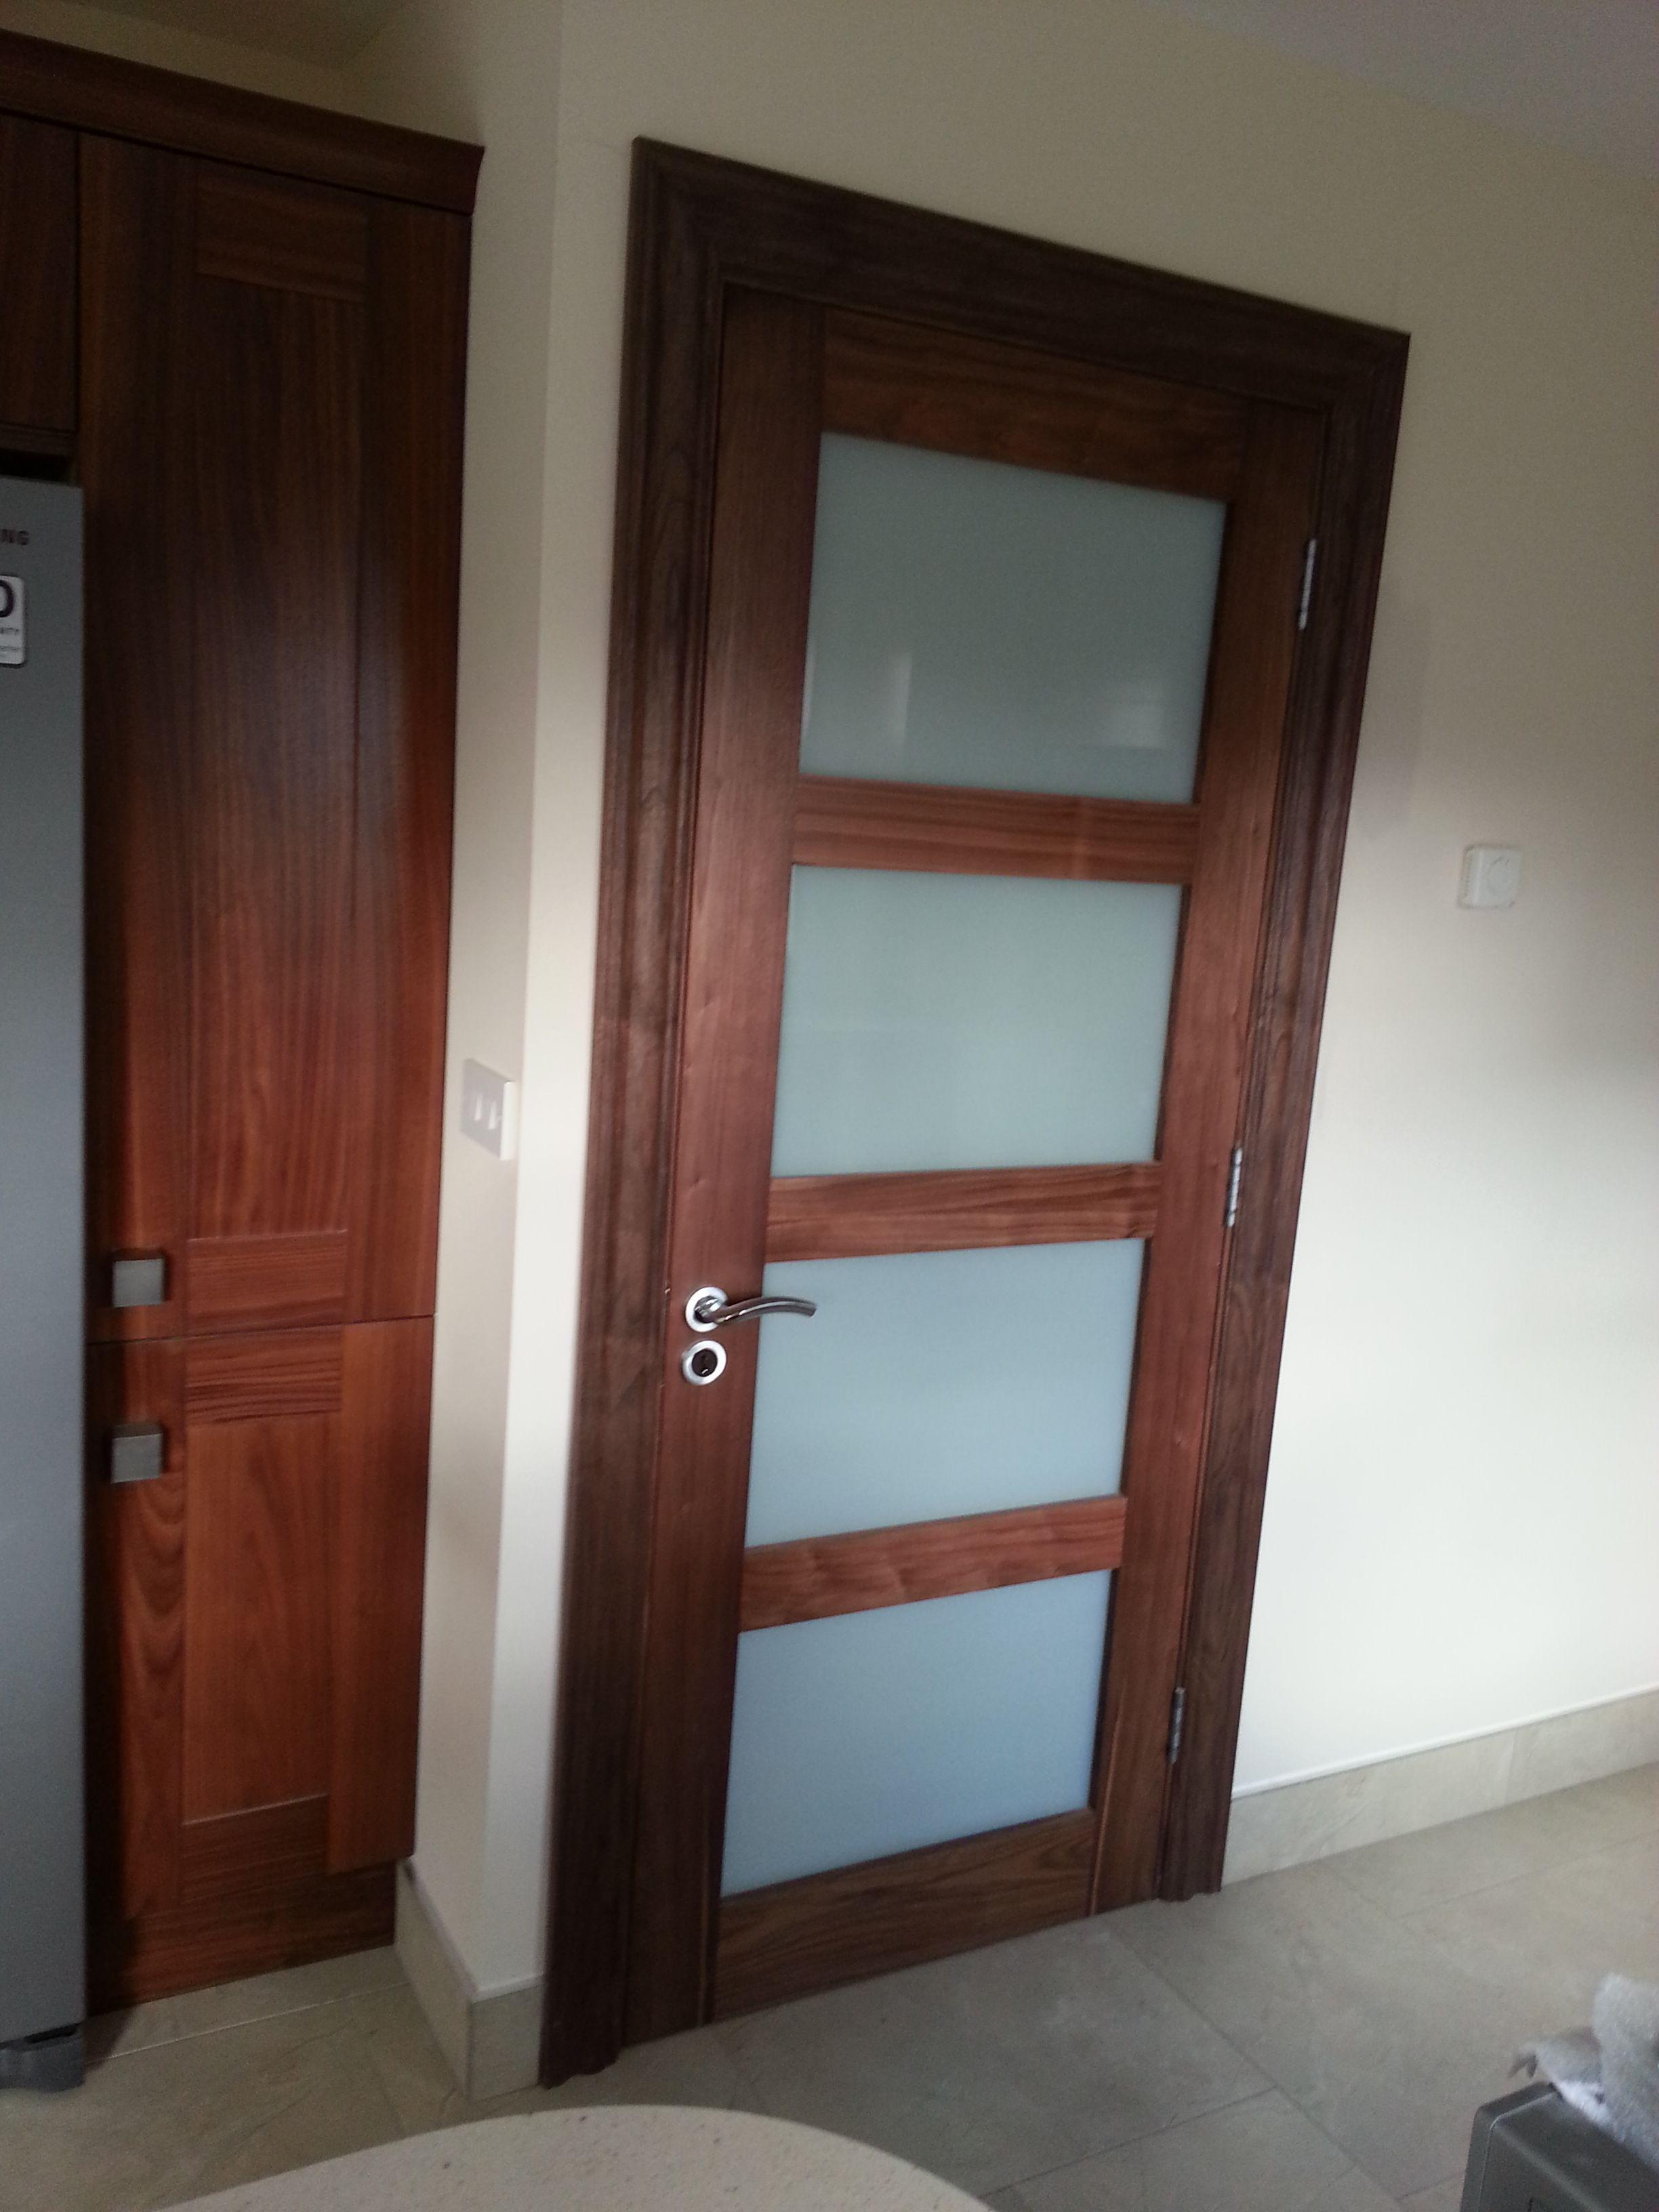 Walnut 4 Panel Frosted Glass By Www Murphylarkin Com Walnut Doors Internal Doors Home